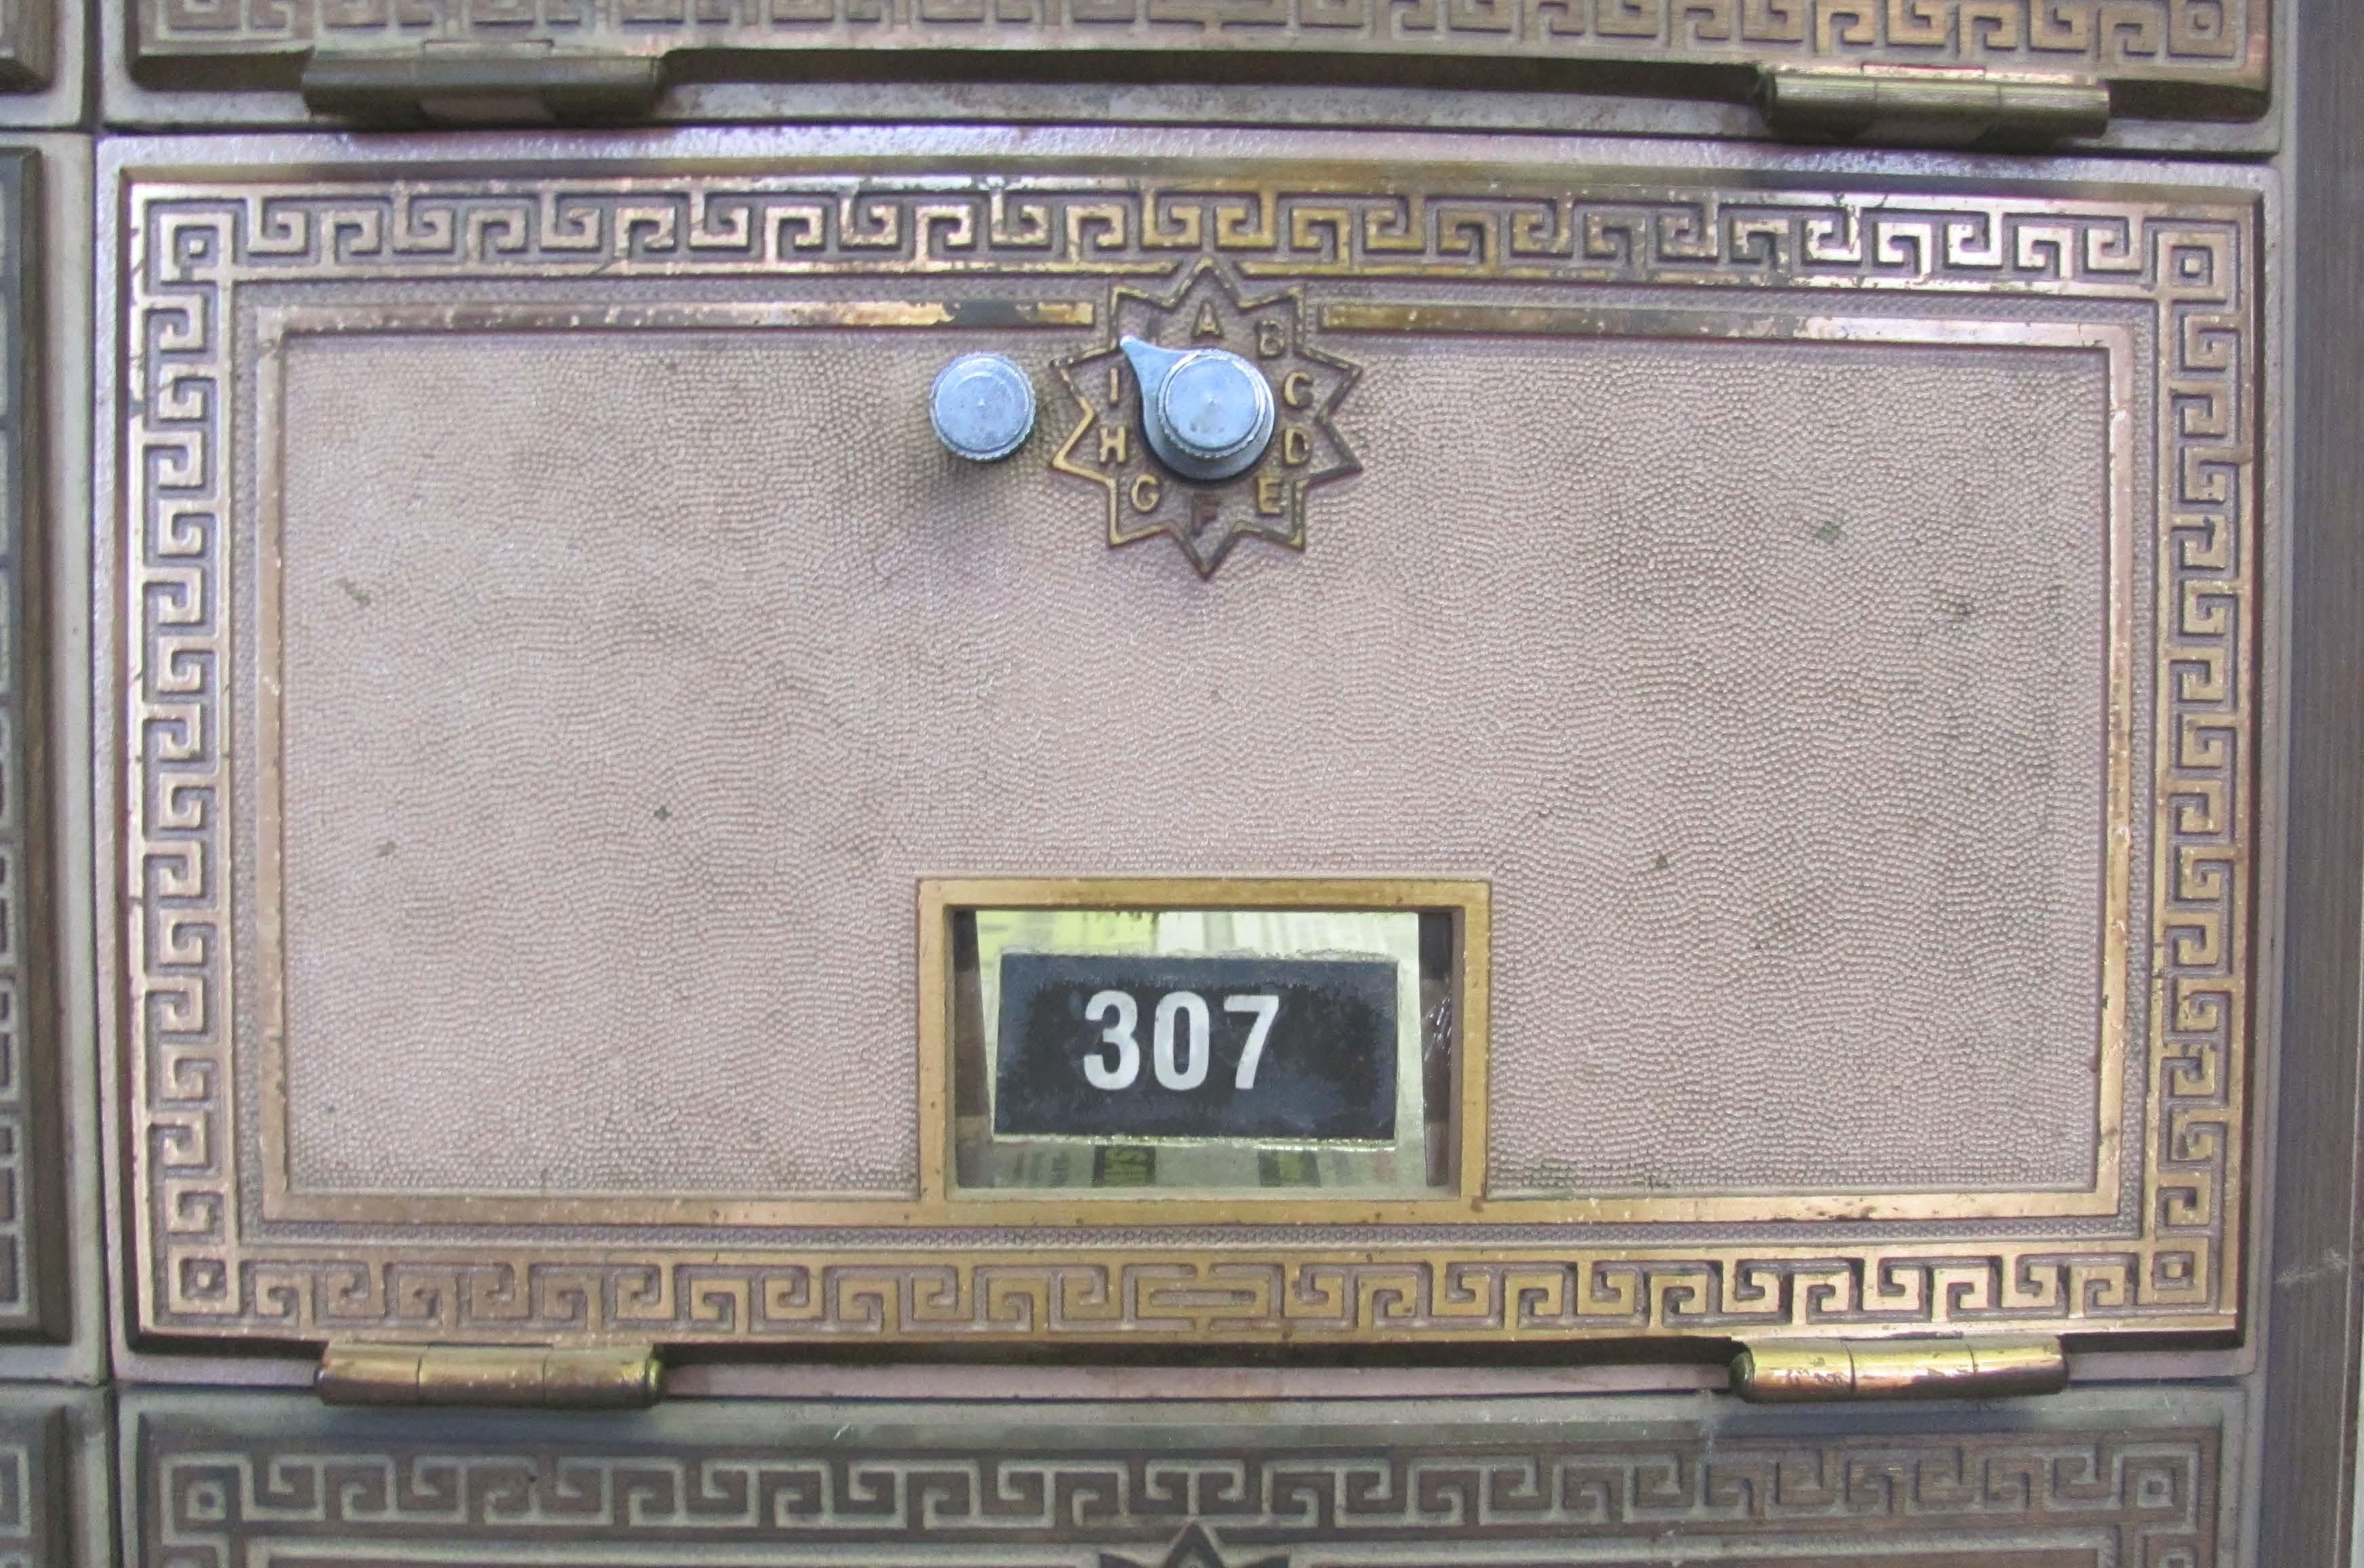 po-box-307-of-mastics-new-era-001